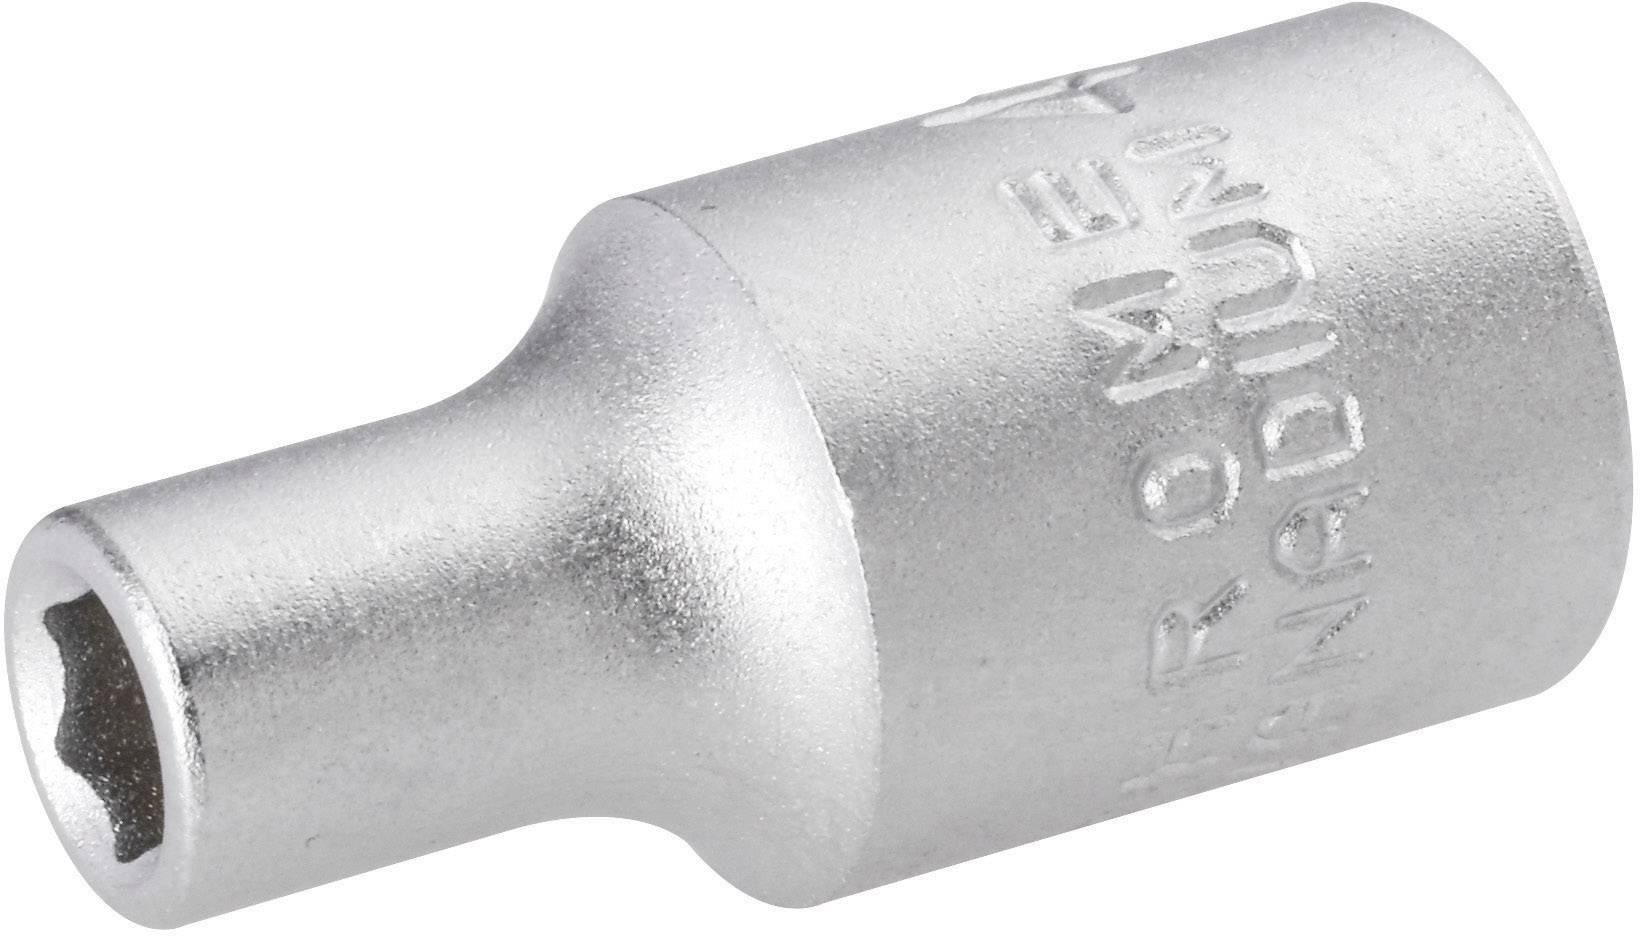 """Nástavec pro ráčnu TOOLCRAFT 820743, vnější šestihran, 1/4"""" (6,3 mm), 5 mm, chrom-vanadová ocel"""